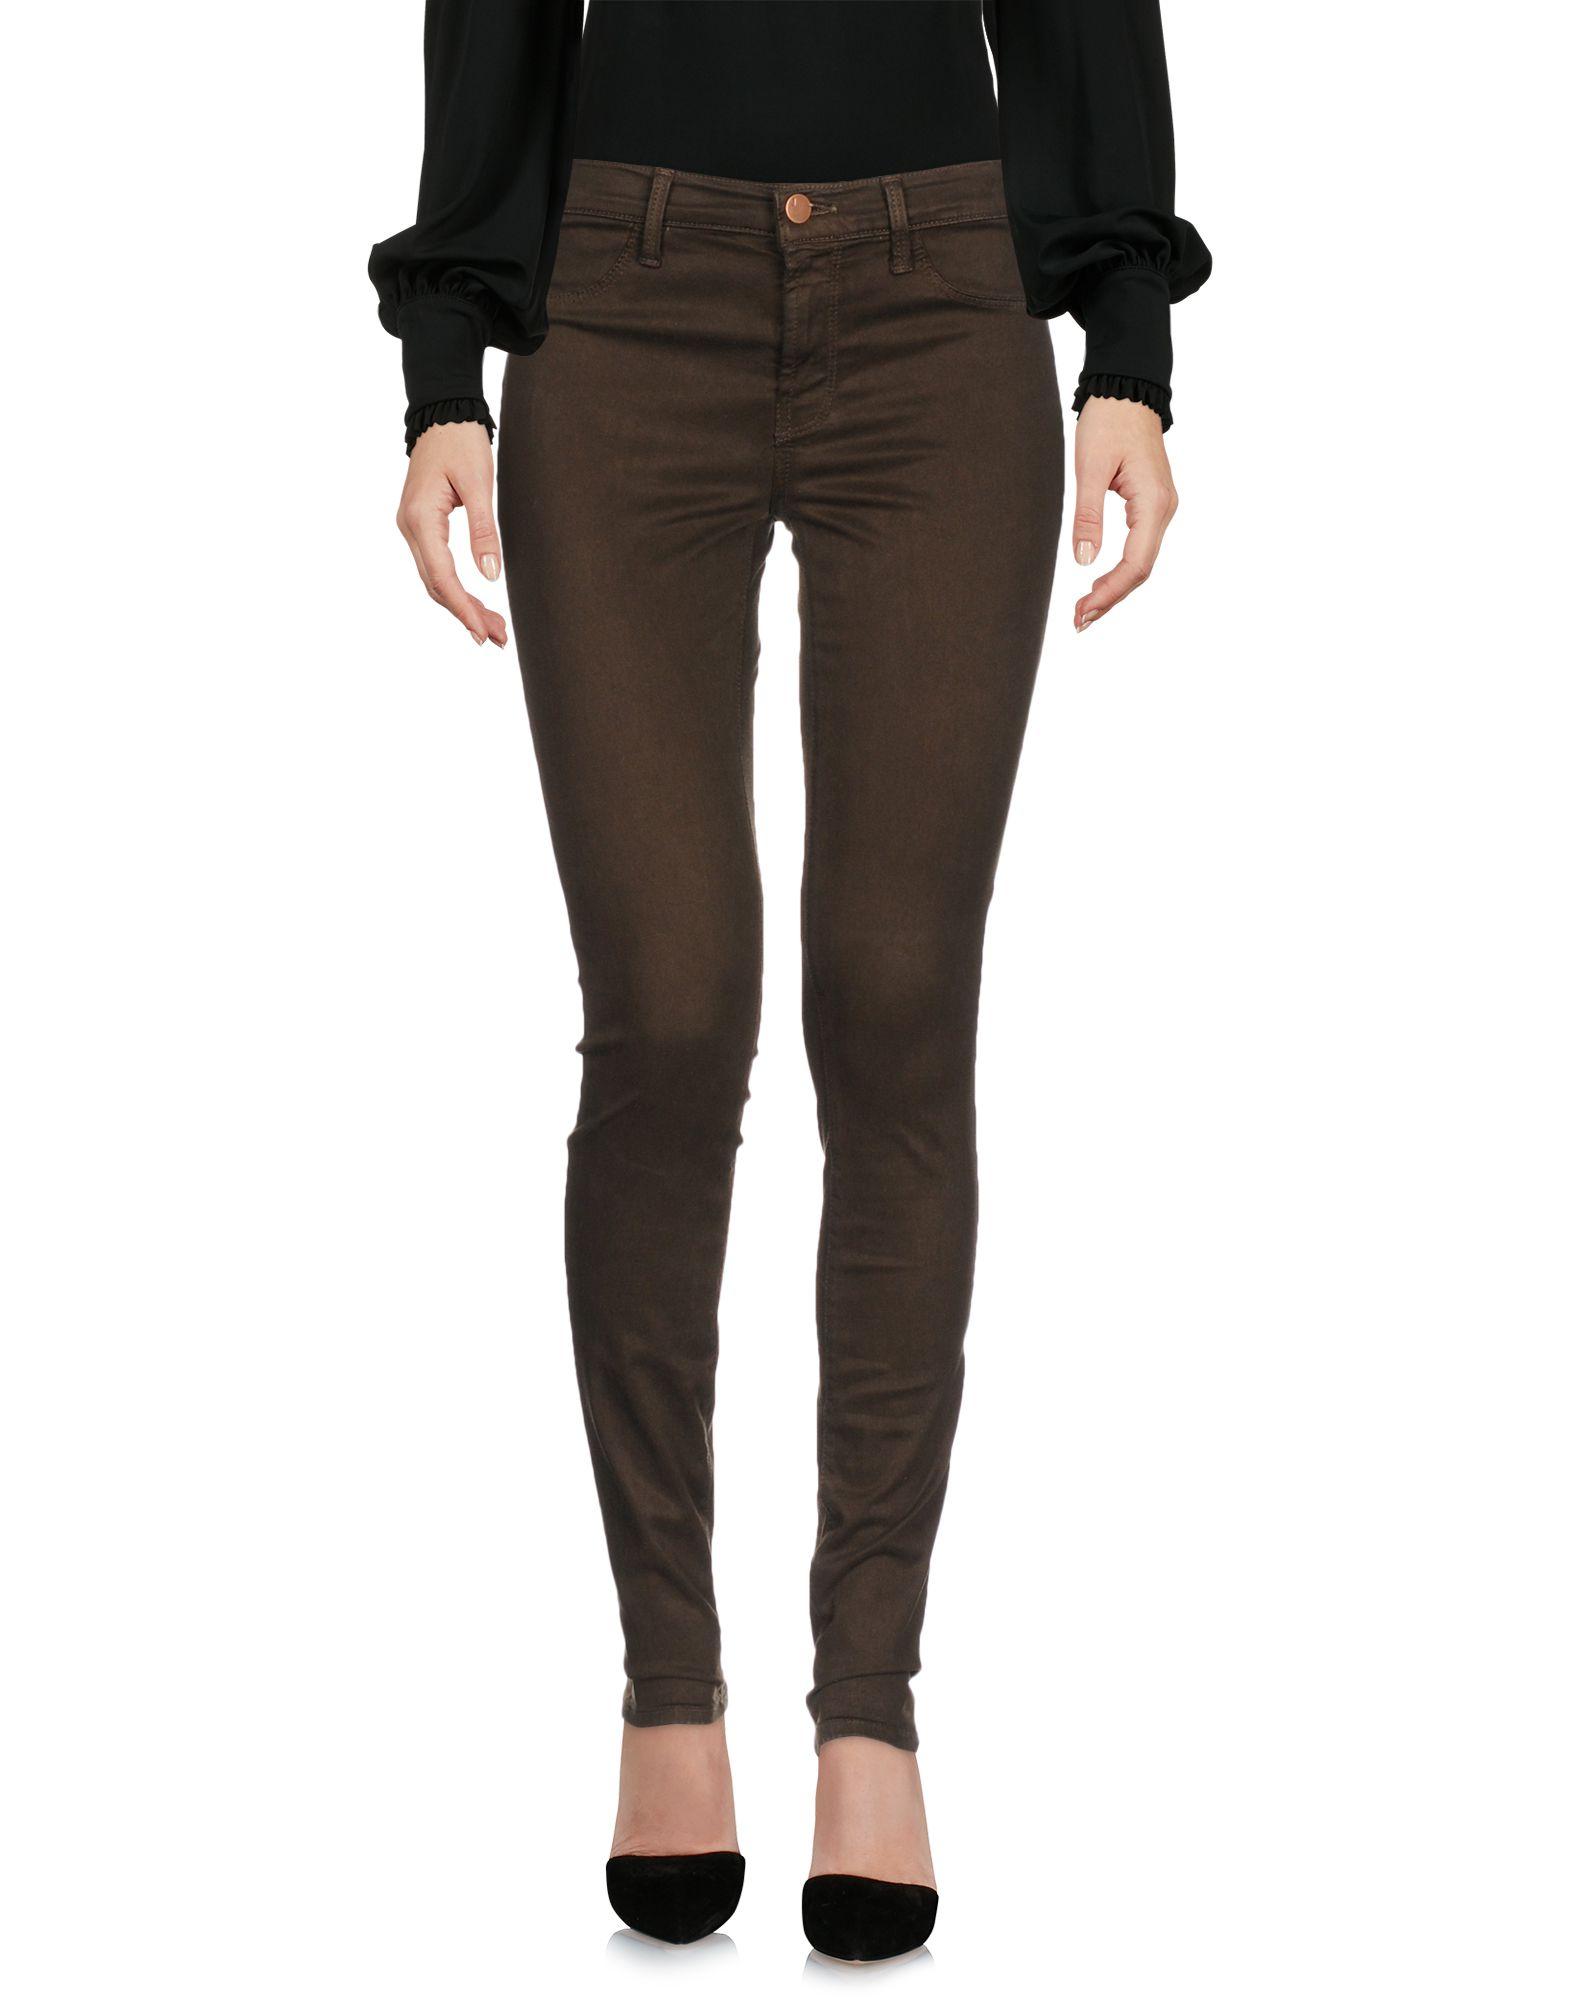 Pantalone J Brand Donna - Acquista online su ogbJ11j